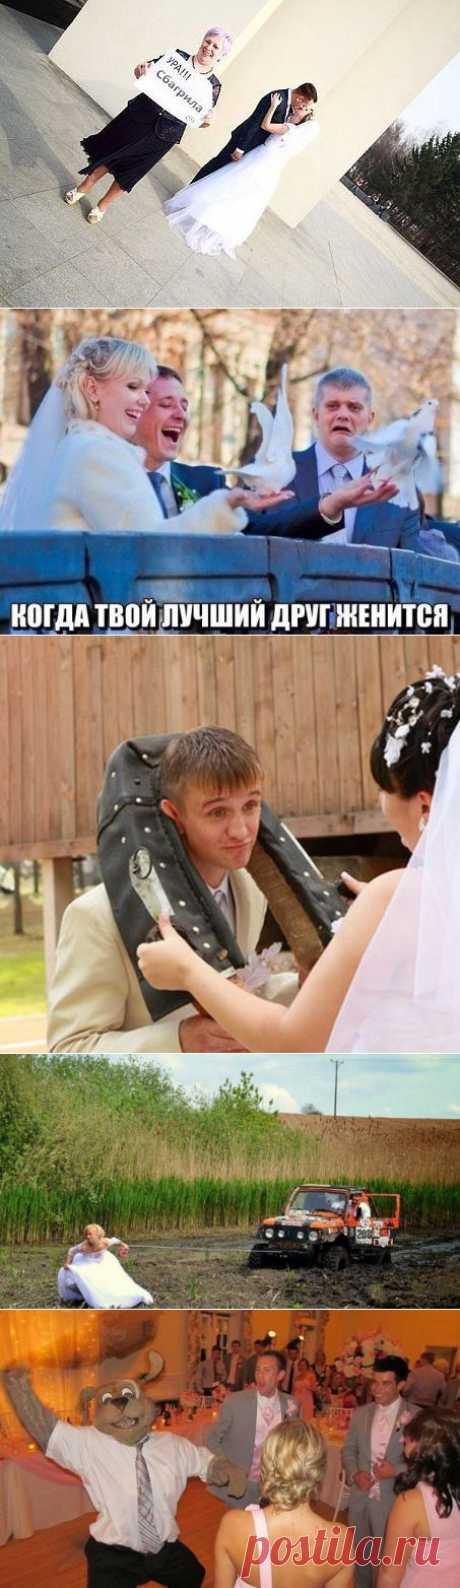 Свадебная юморина / Писец - приколы интернета